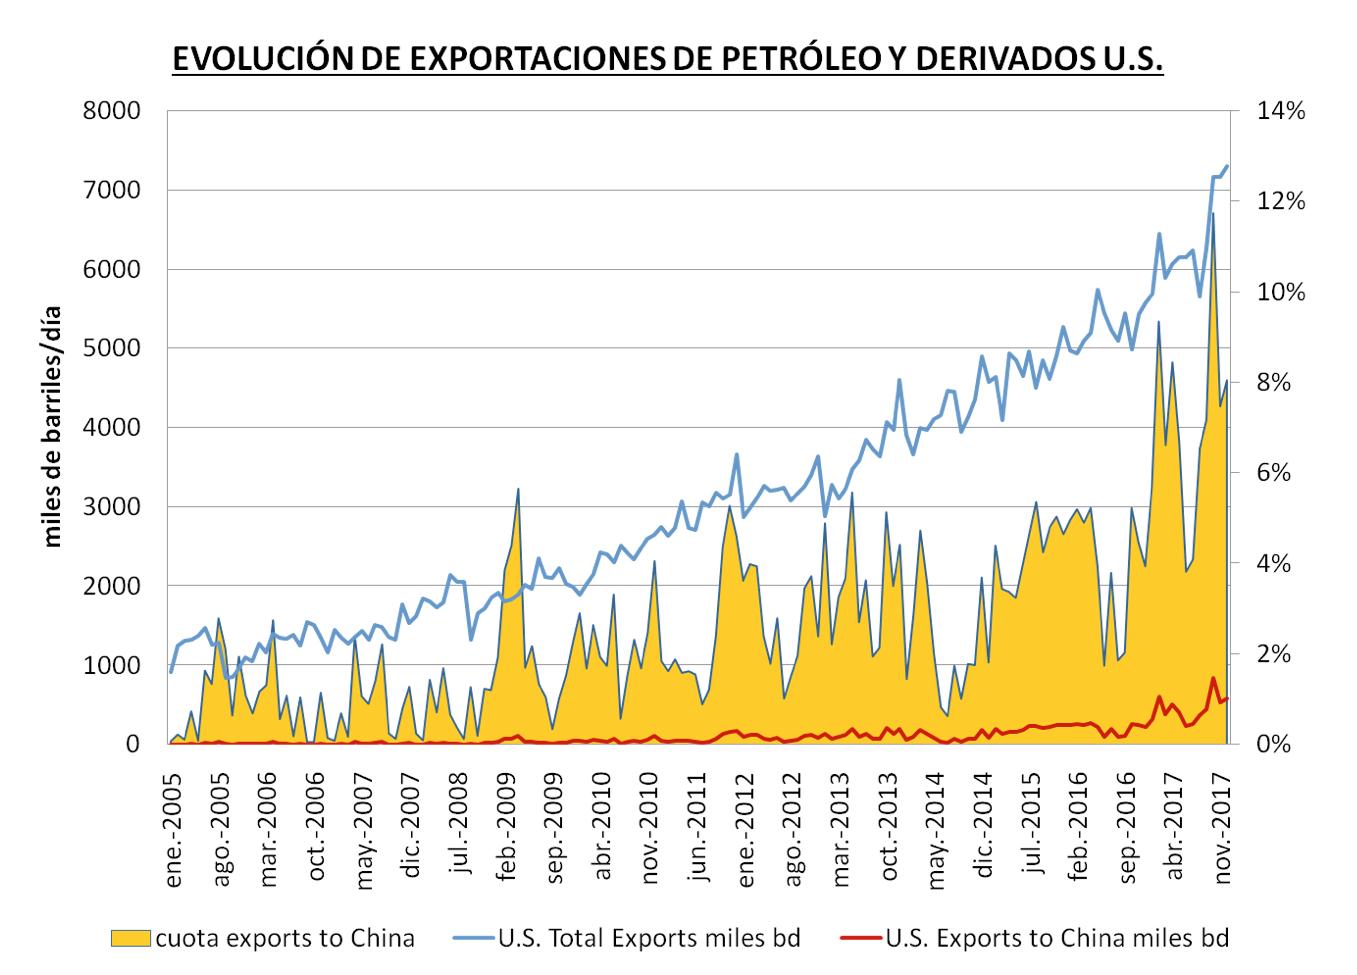 exportaciones de petroleo y derivados USA